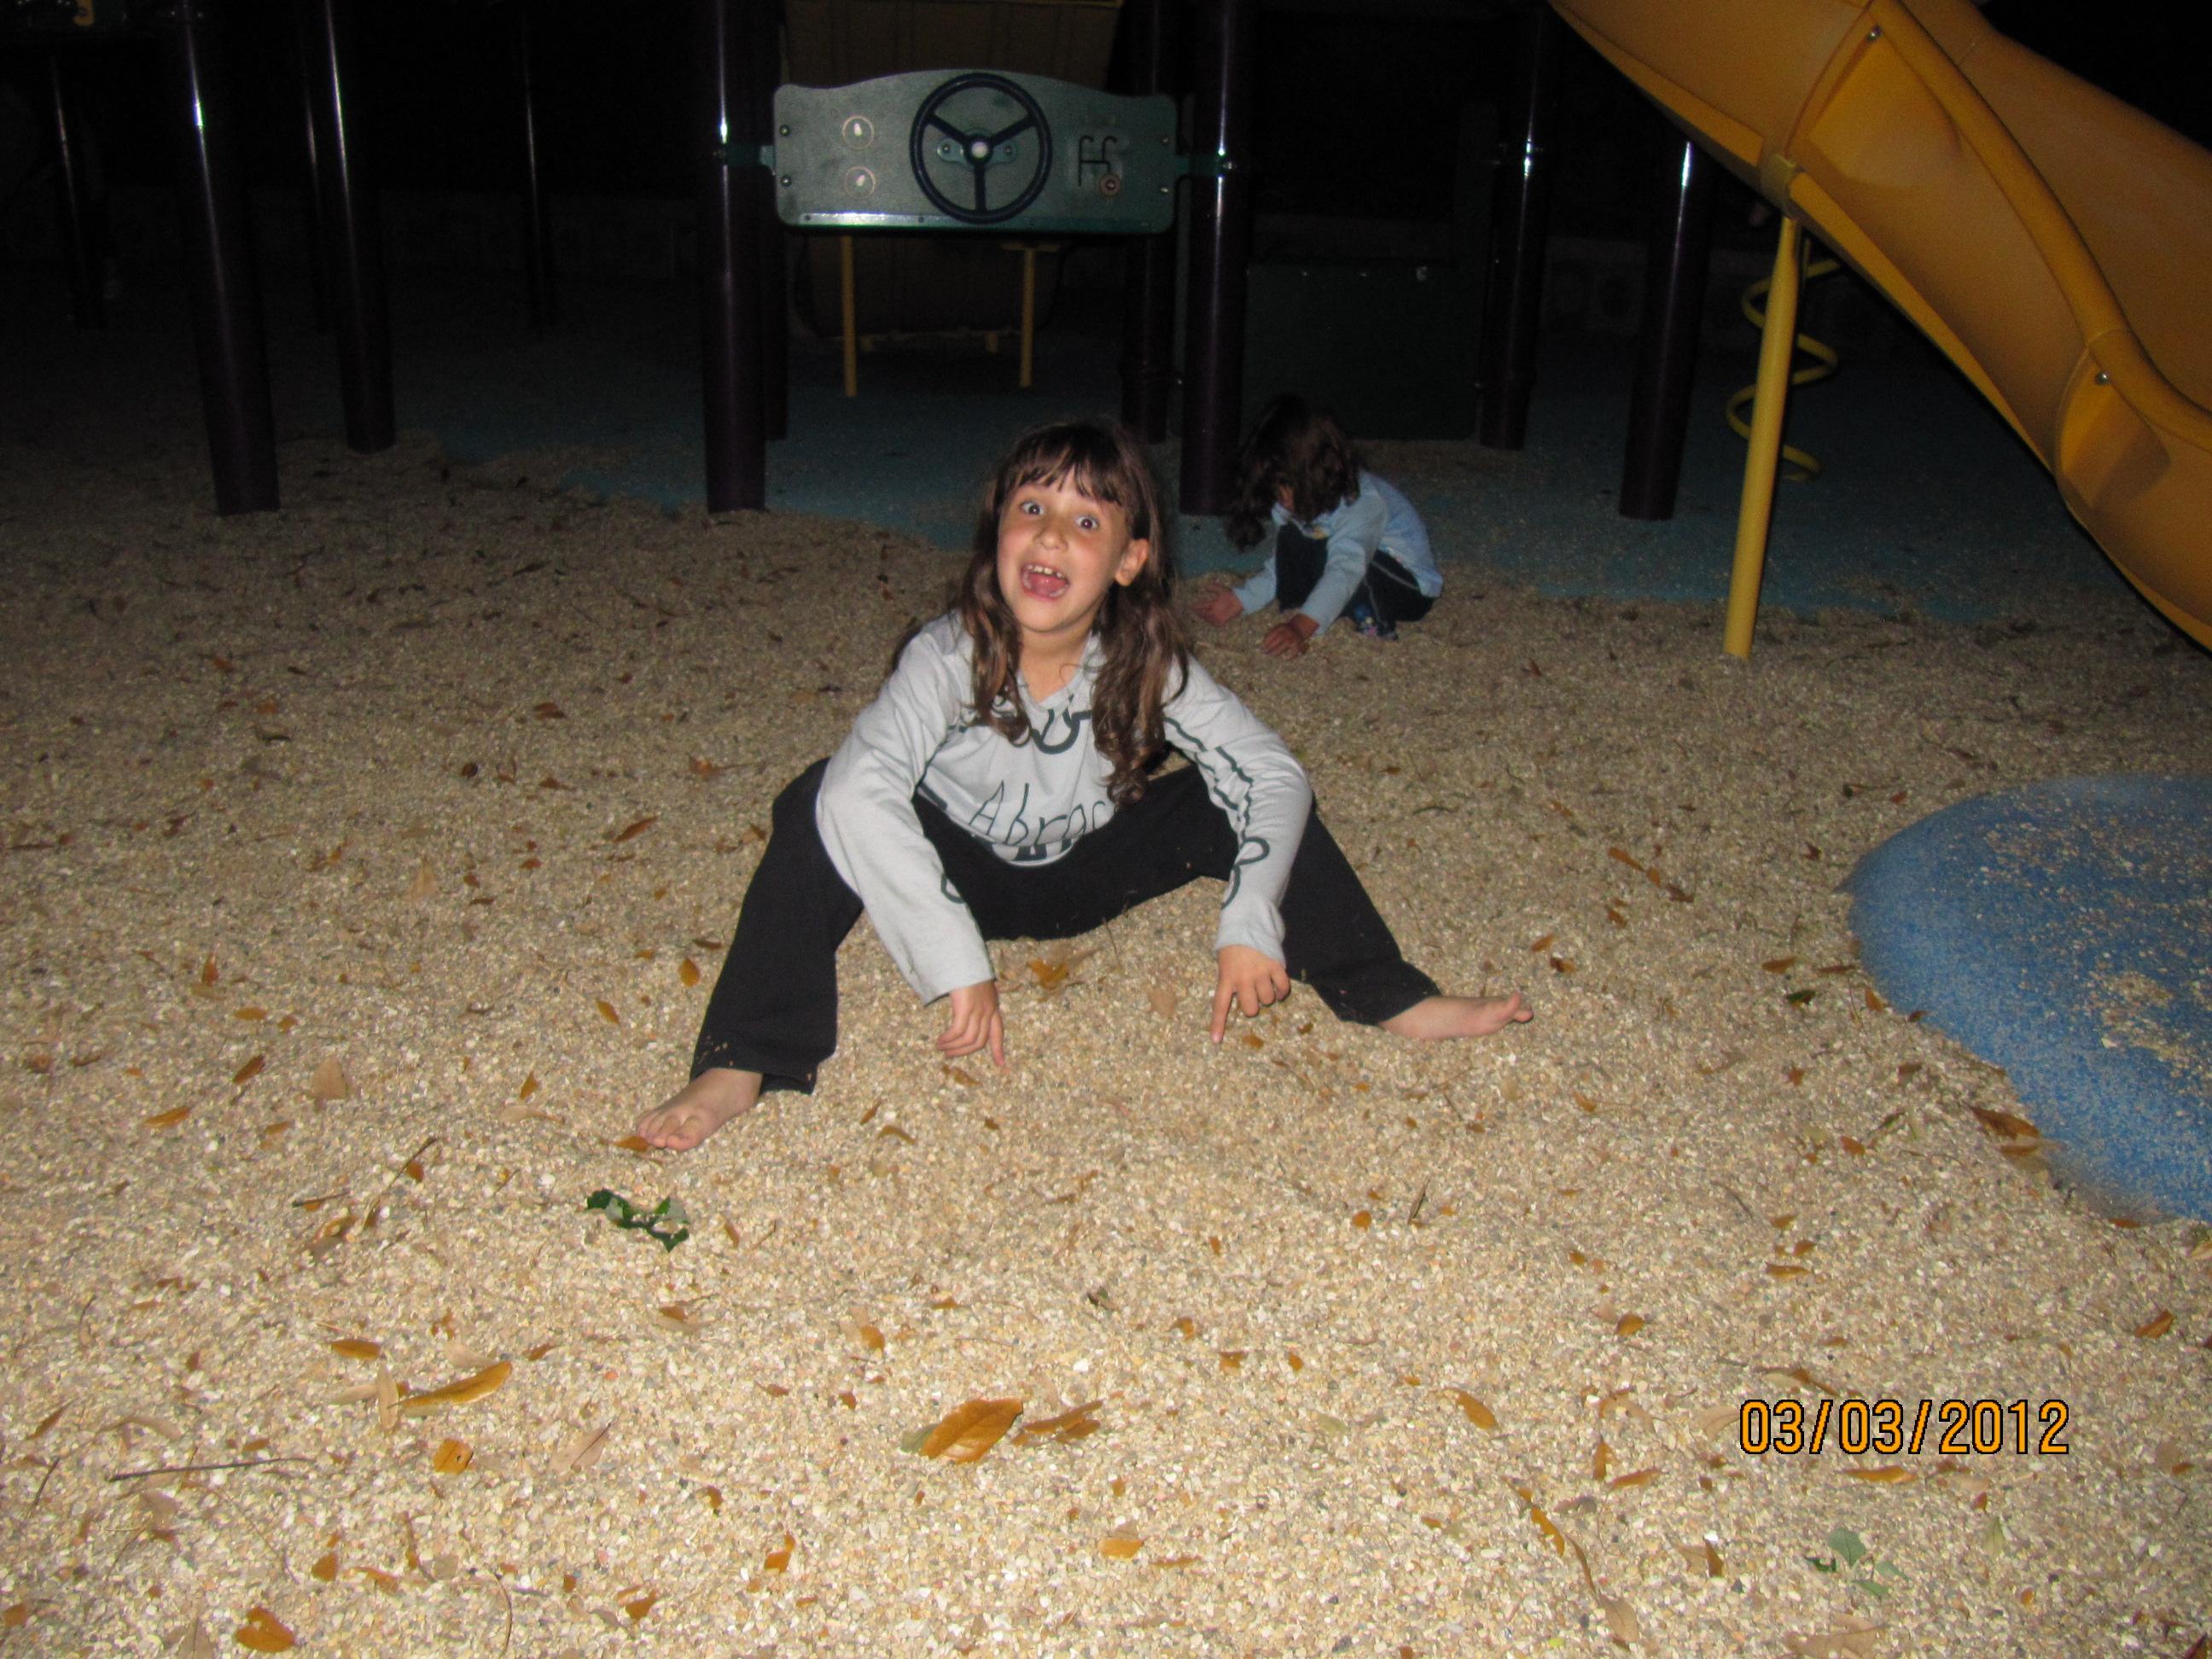 Brincando com areia no parquinho do hotel